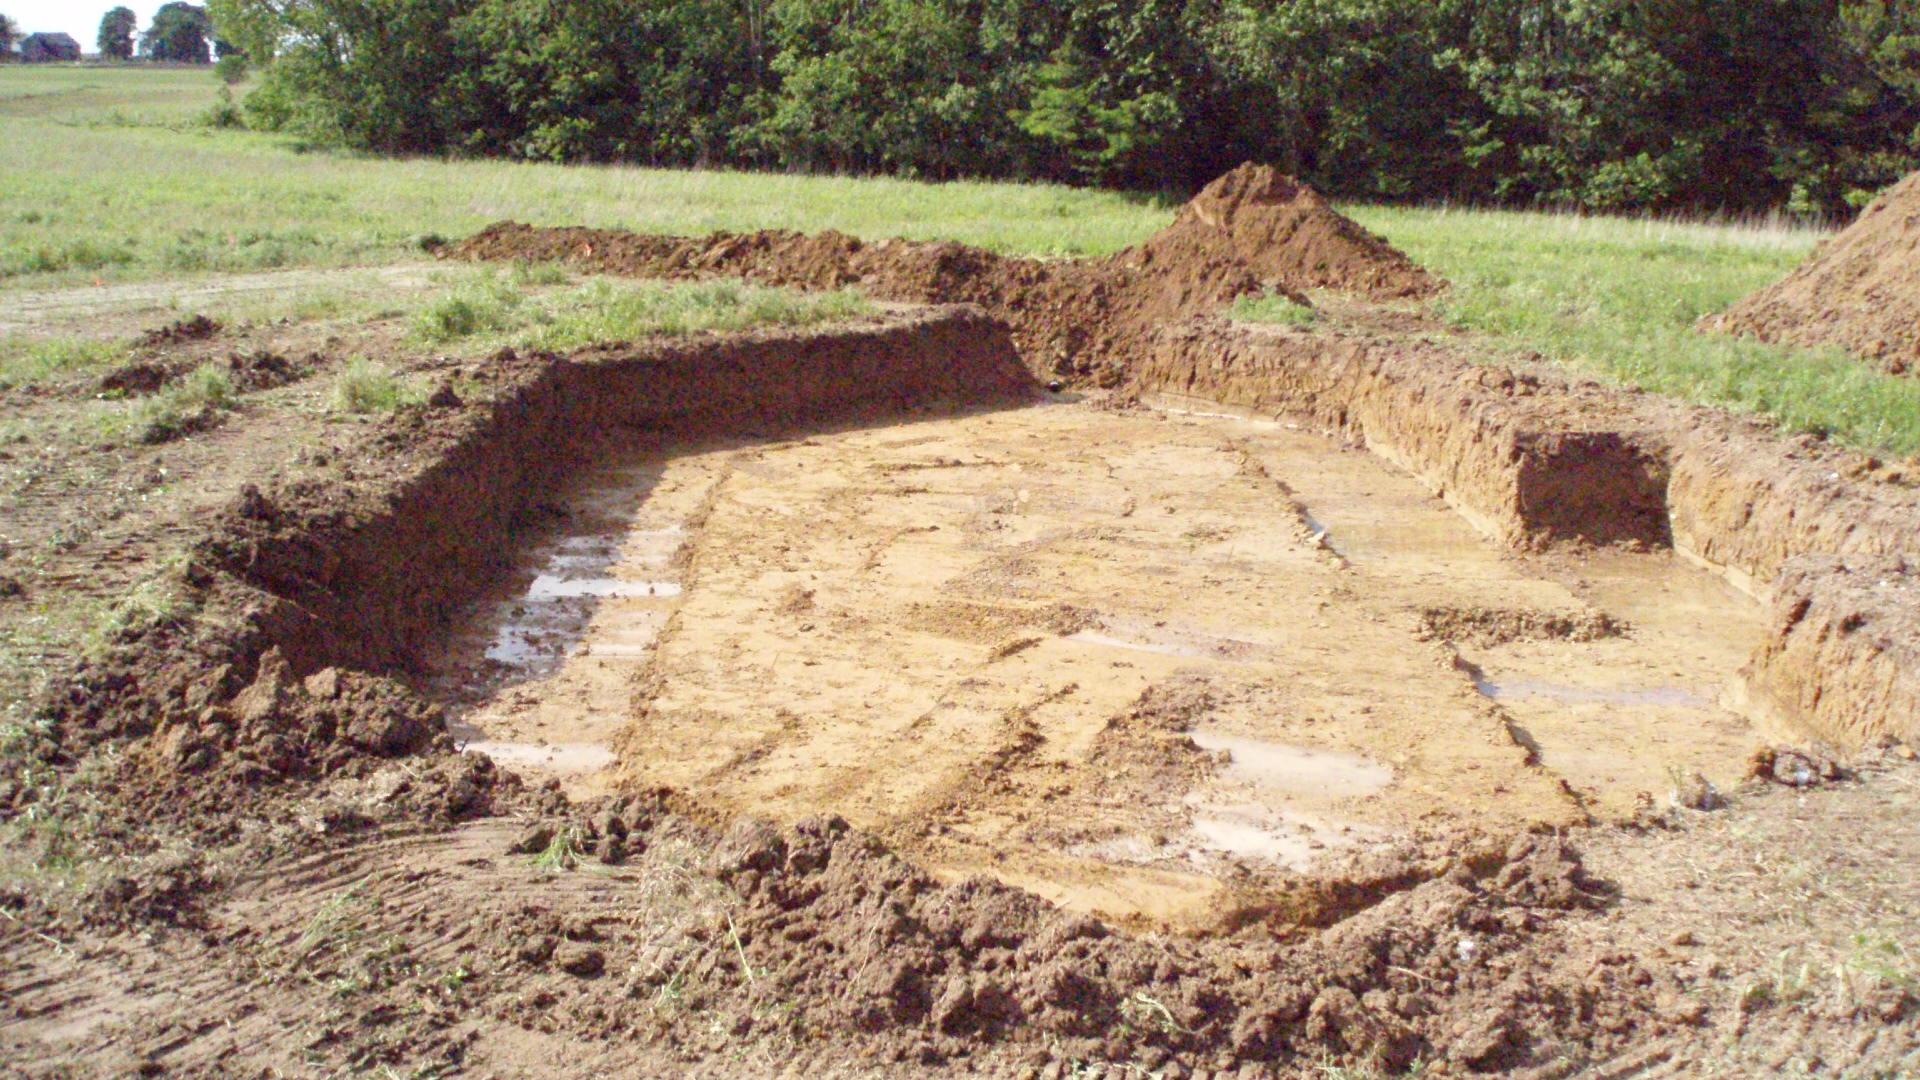 The Hole is Dug